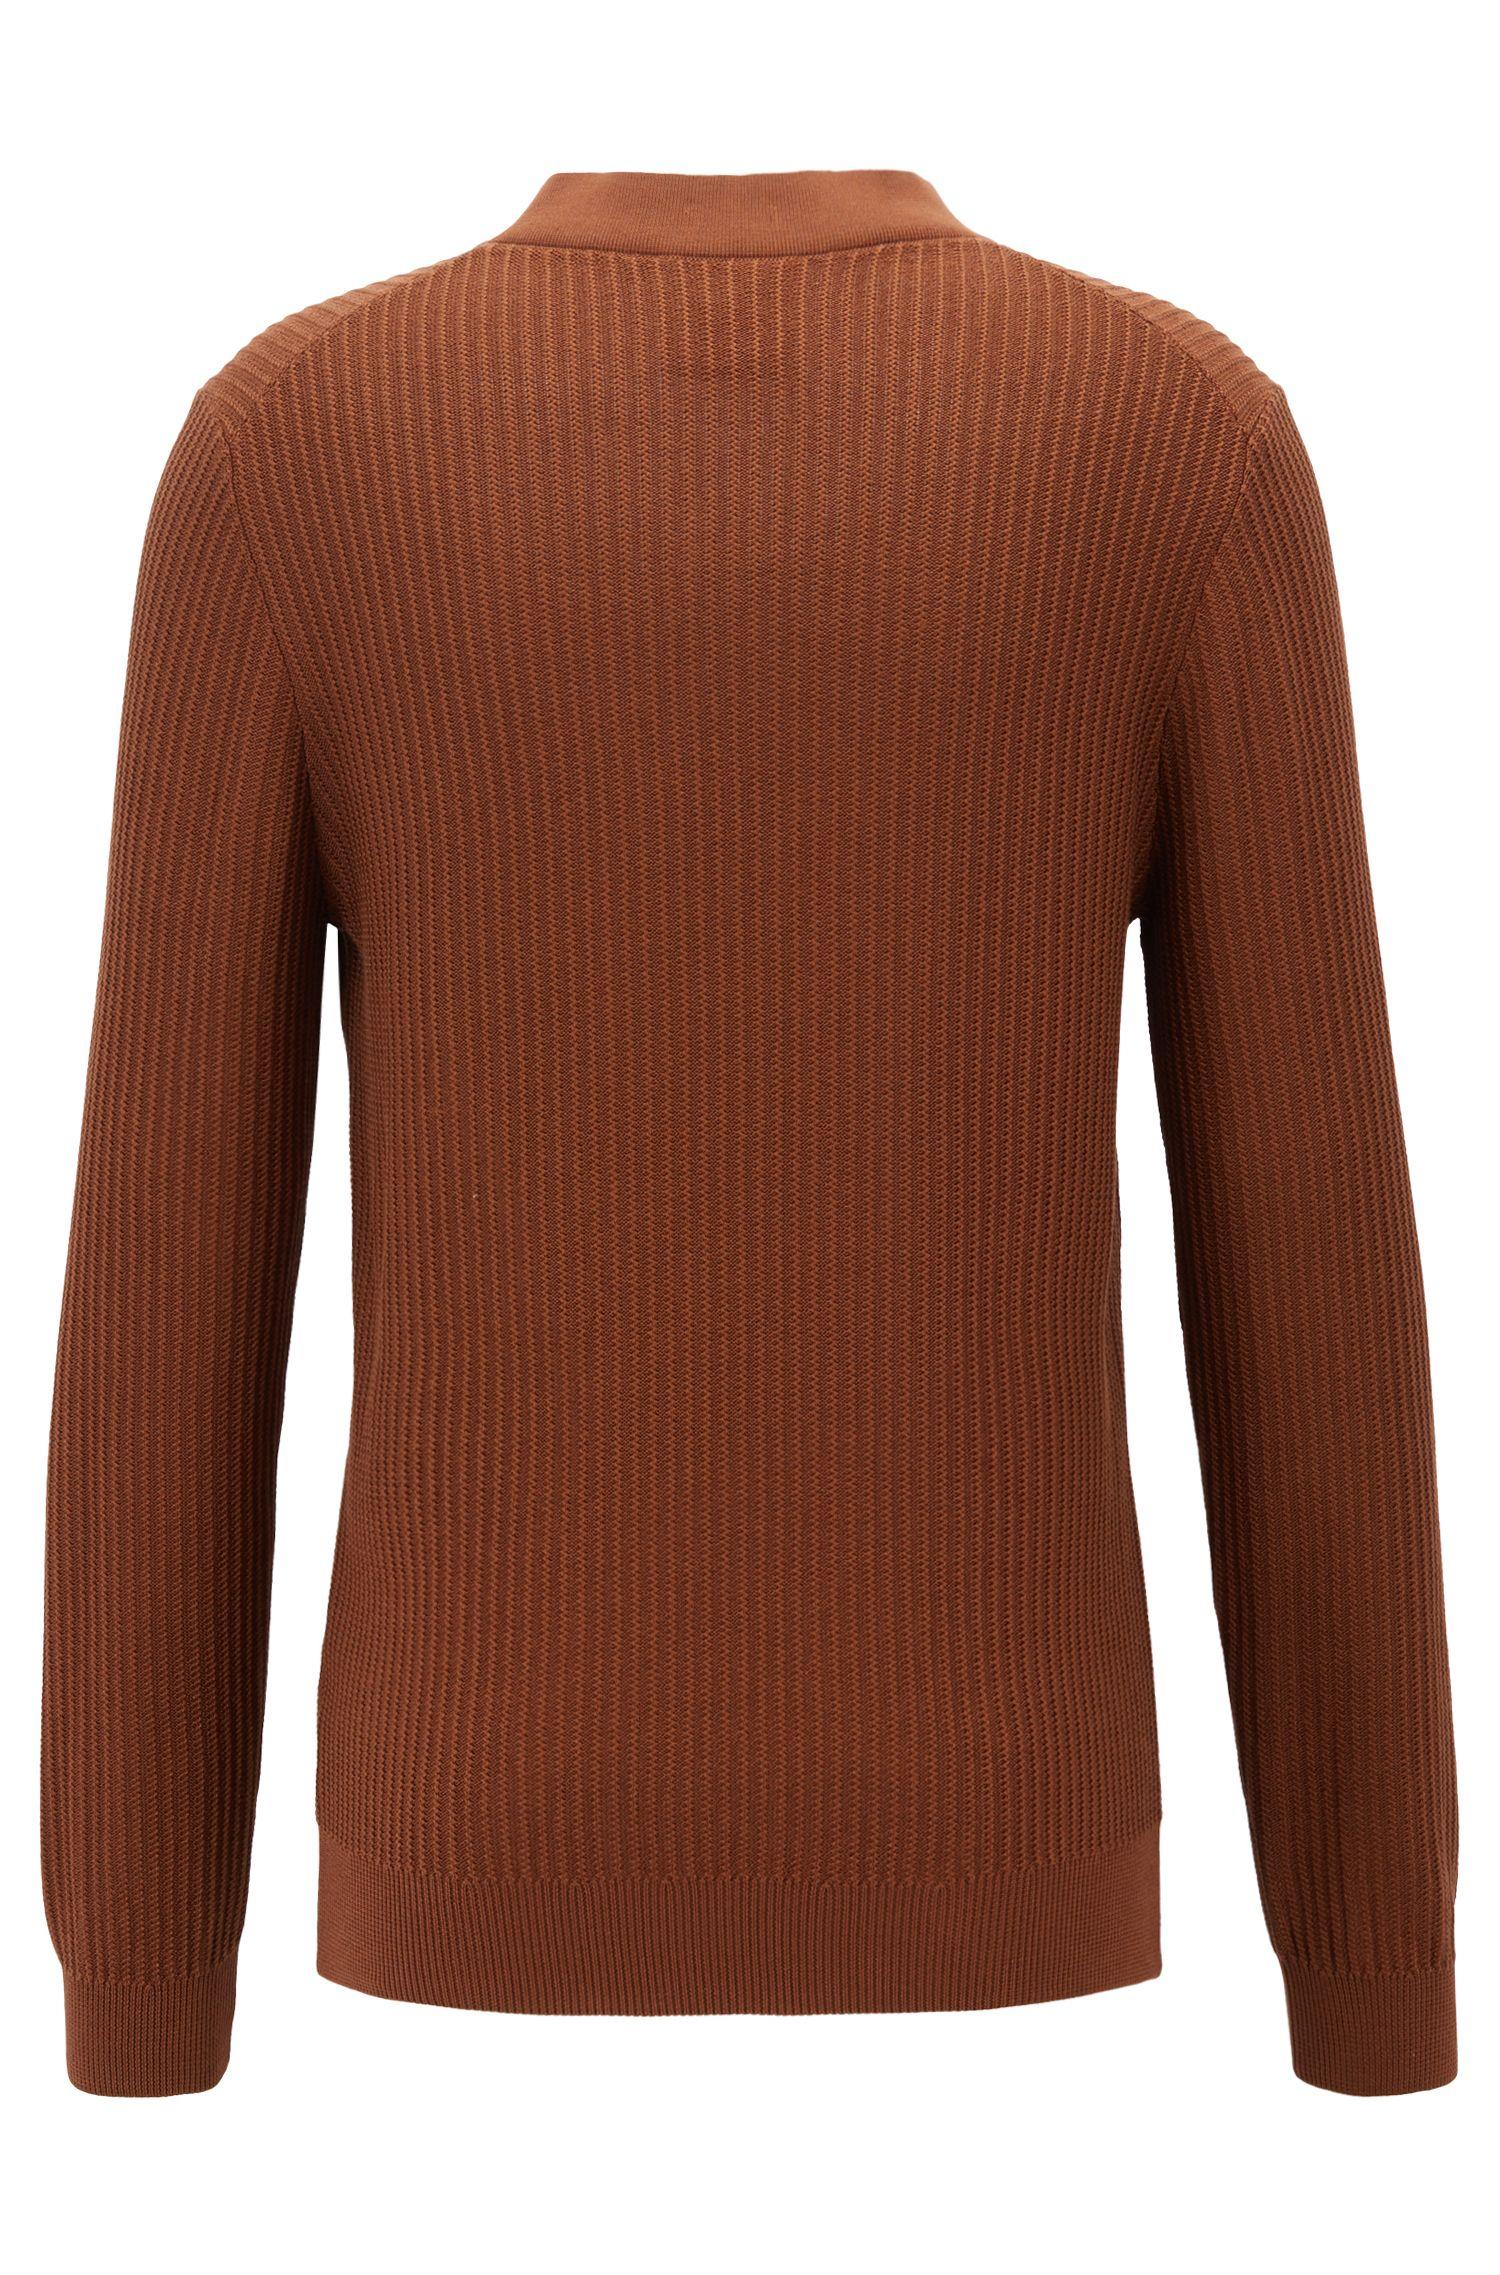 Jersey de cuello en pico en seda con algodón, Marrón